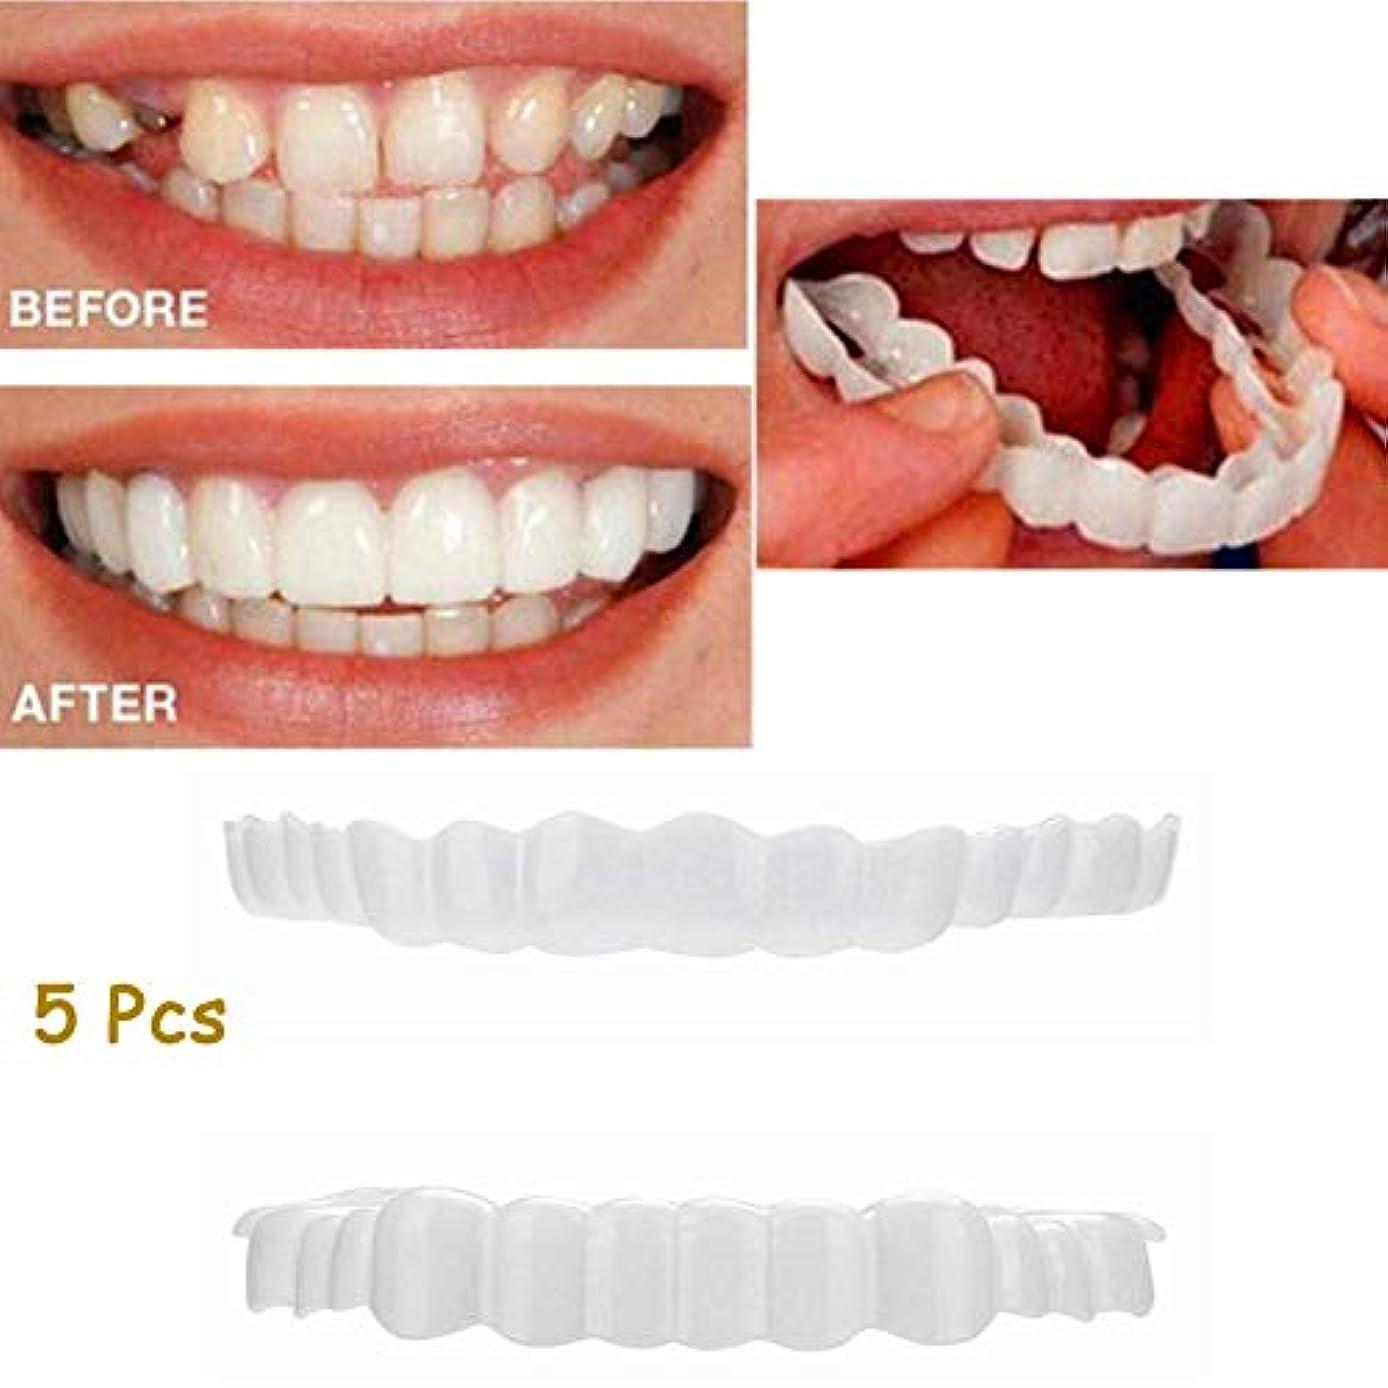 ドリル不正確印象的5本の上歯+下歯セット偽の歯を白くする完璧な化粧品の歯